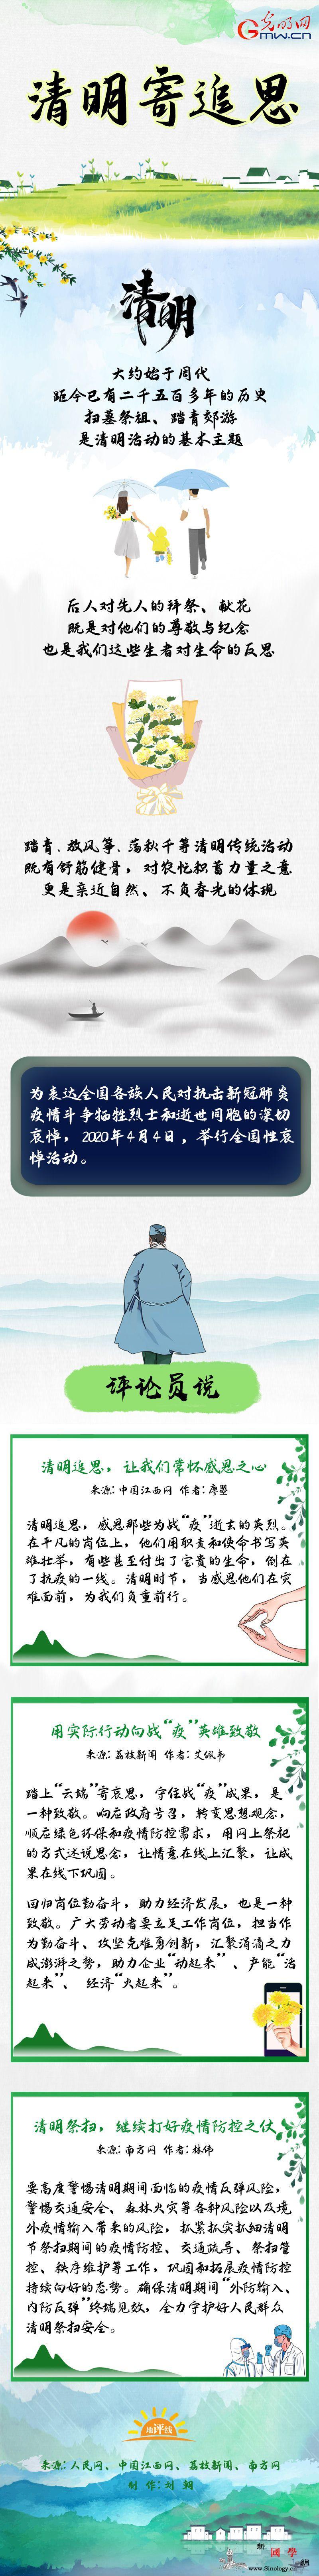 清明寄追思_画中画-追思-清明-